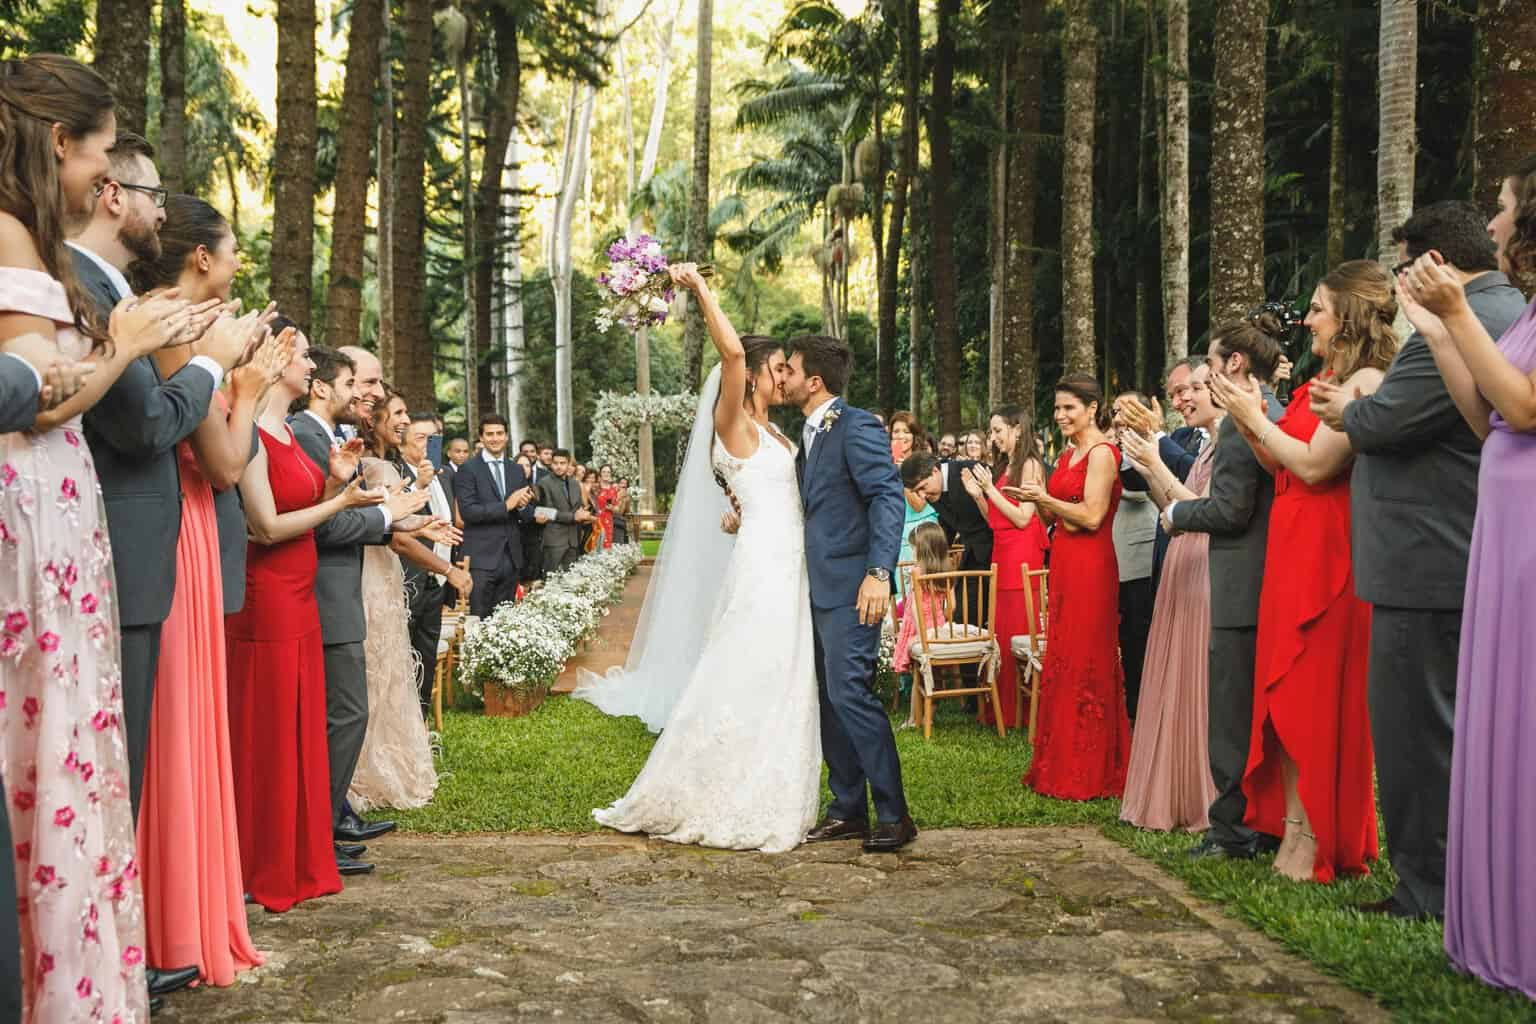 casamento-na-Fazenda-Vila-Rica-cerimonia-ao-ar-livre-cerimonial-Ana-Paula-Tabet-Fotografia-Euka-Weddings-Renata-e-Gabriel95-1